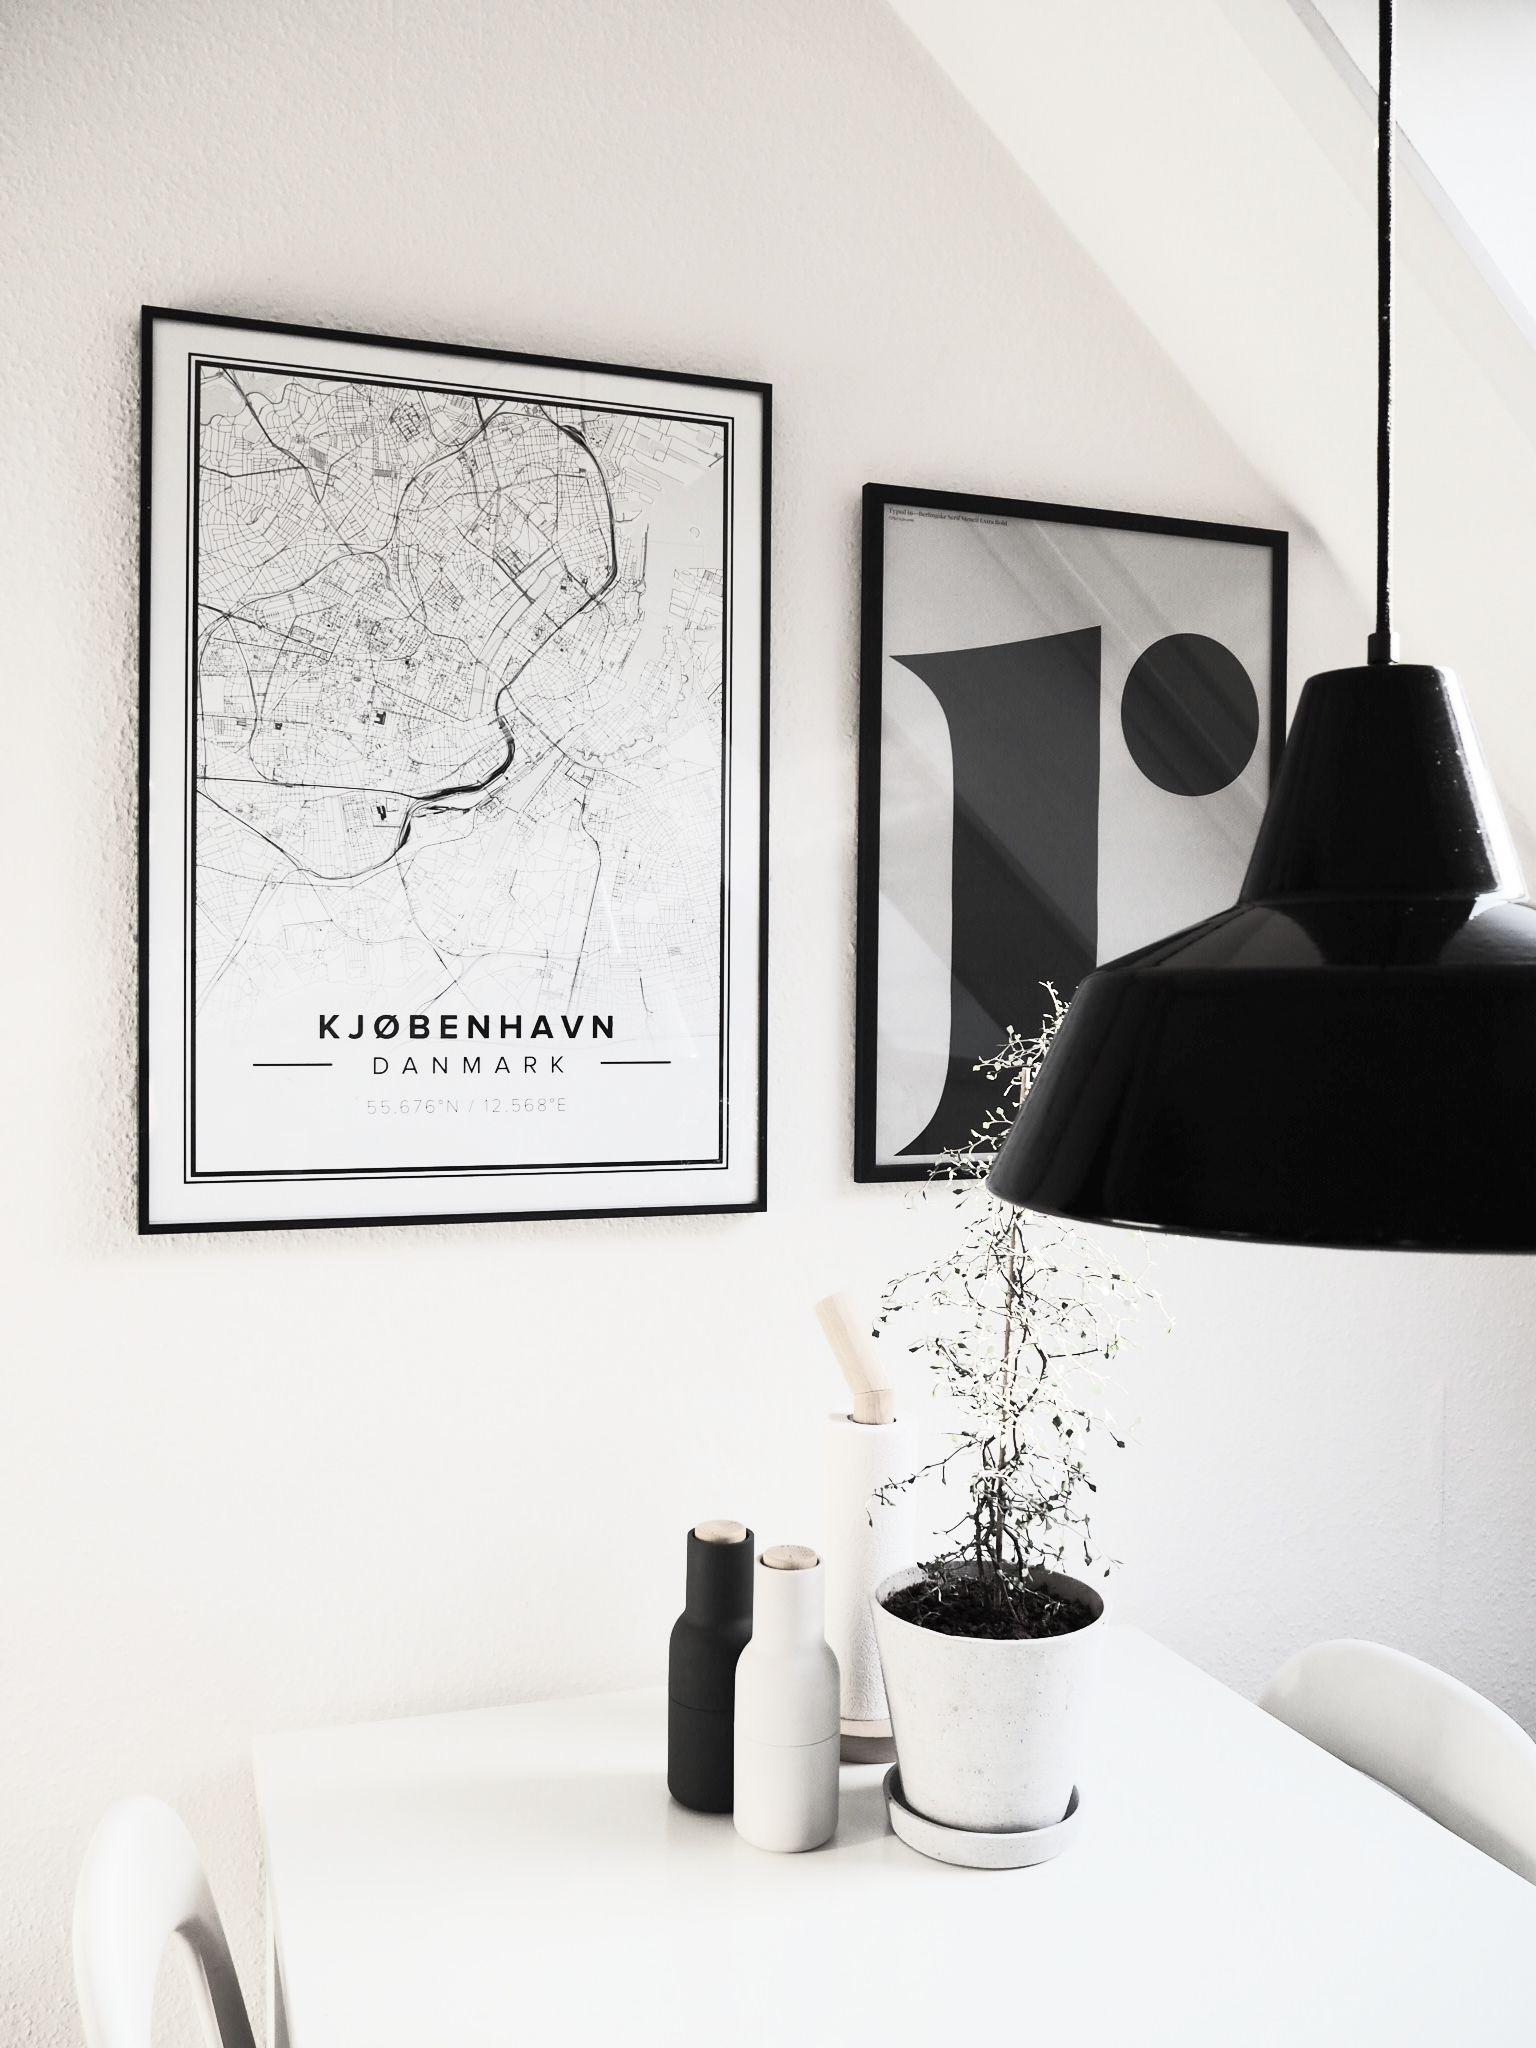 Map Poster Of Copenhagen Denmark Print Size 50 X 70 Cm Custom Black